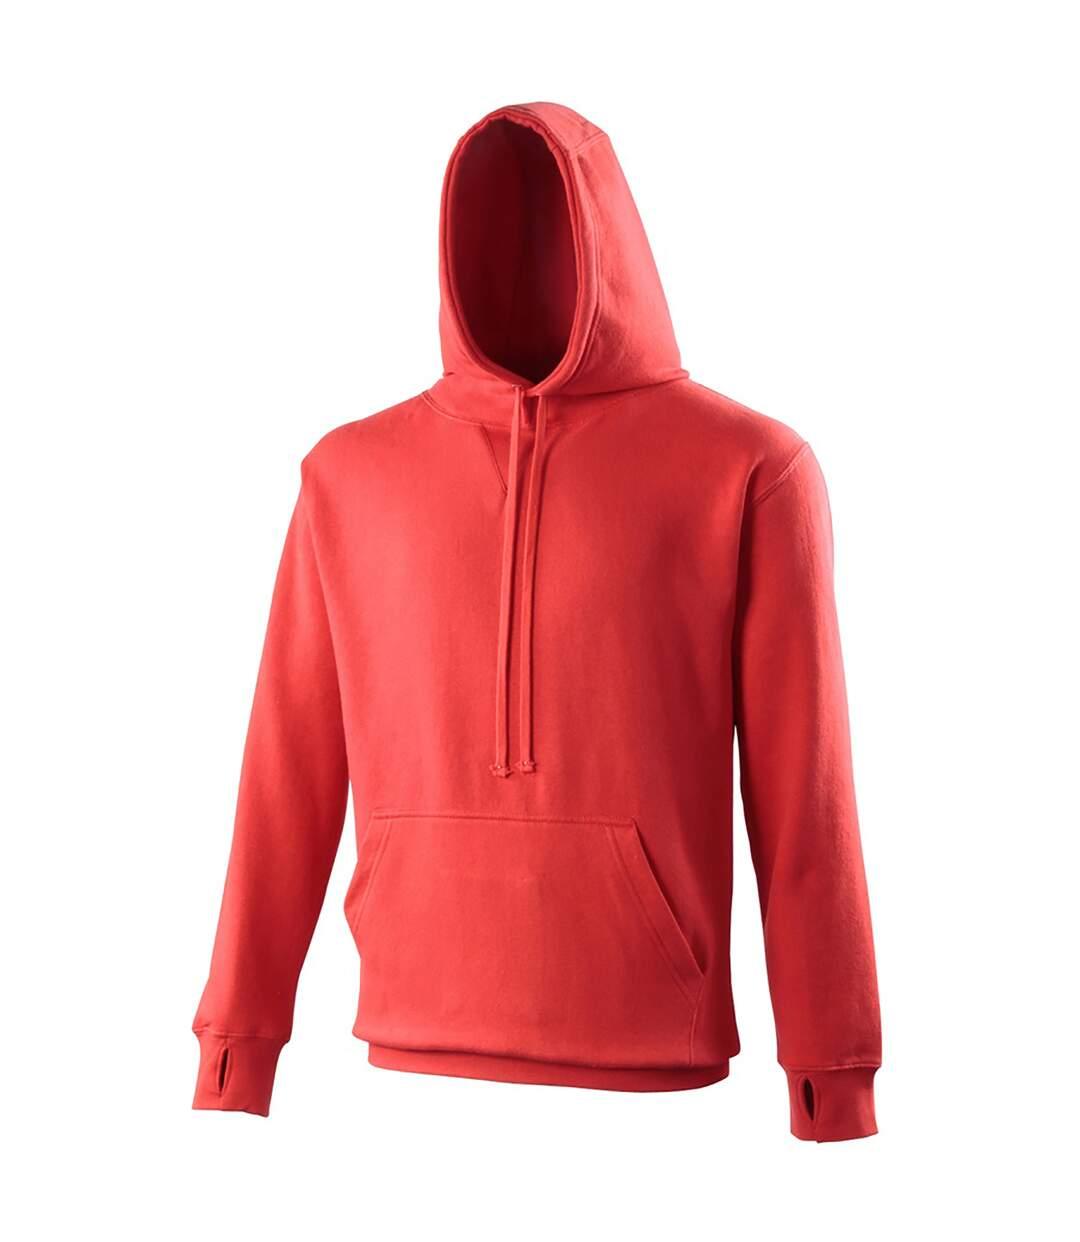 Awdis Mens Street Hooded Sweatshirt / Hoodie (Jet Black) - UTRW170